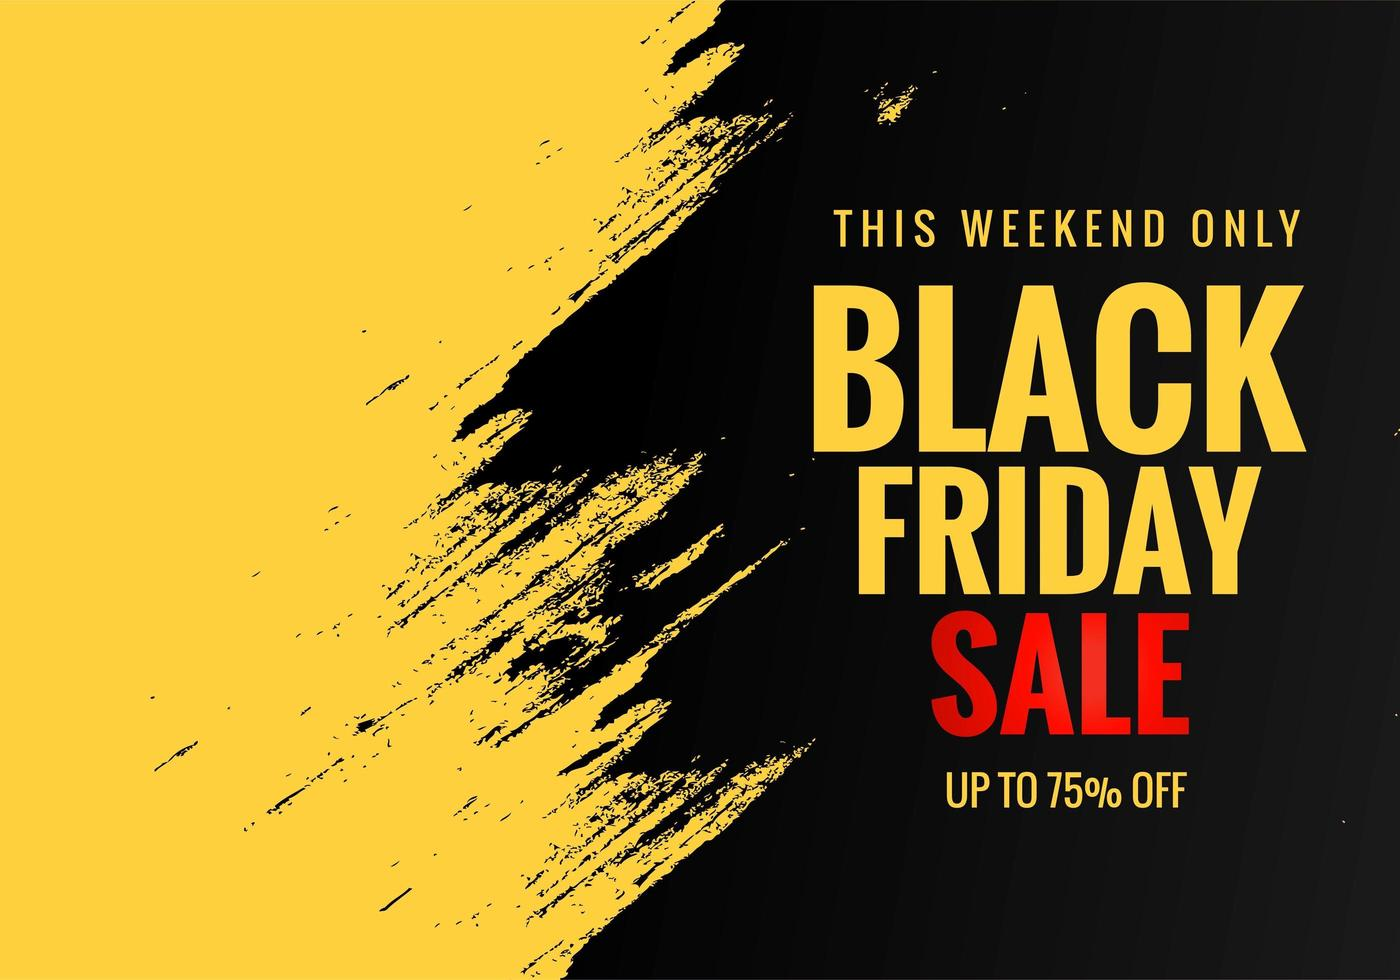 zwarte vrijdag verkoop poster met grunge achtergrond vector